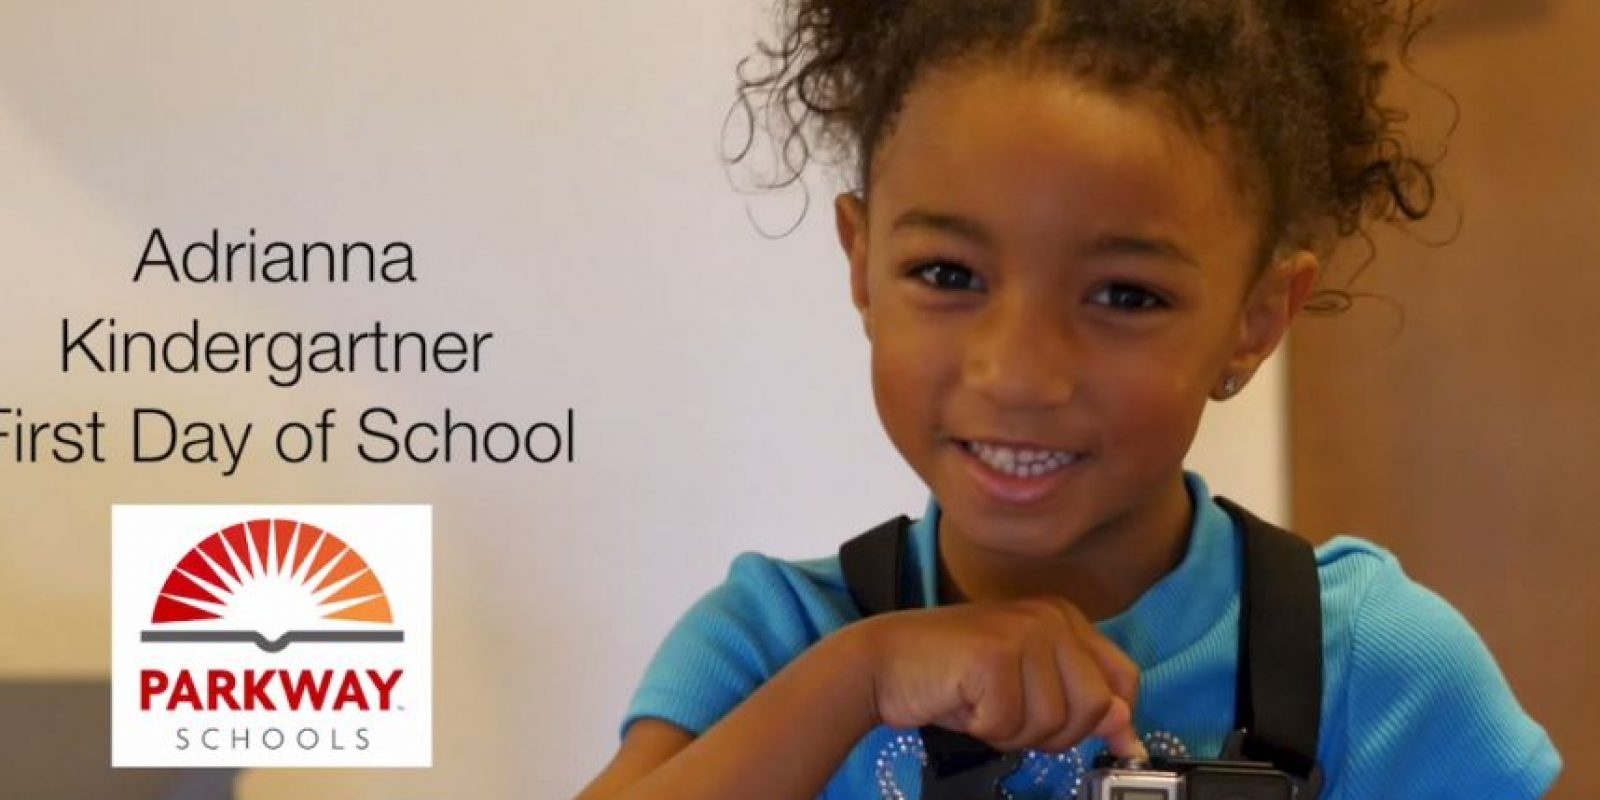 El proyecto nos recuerda los días de la infancia Foto:Parkway Schools